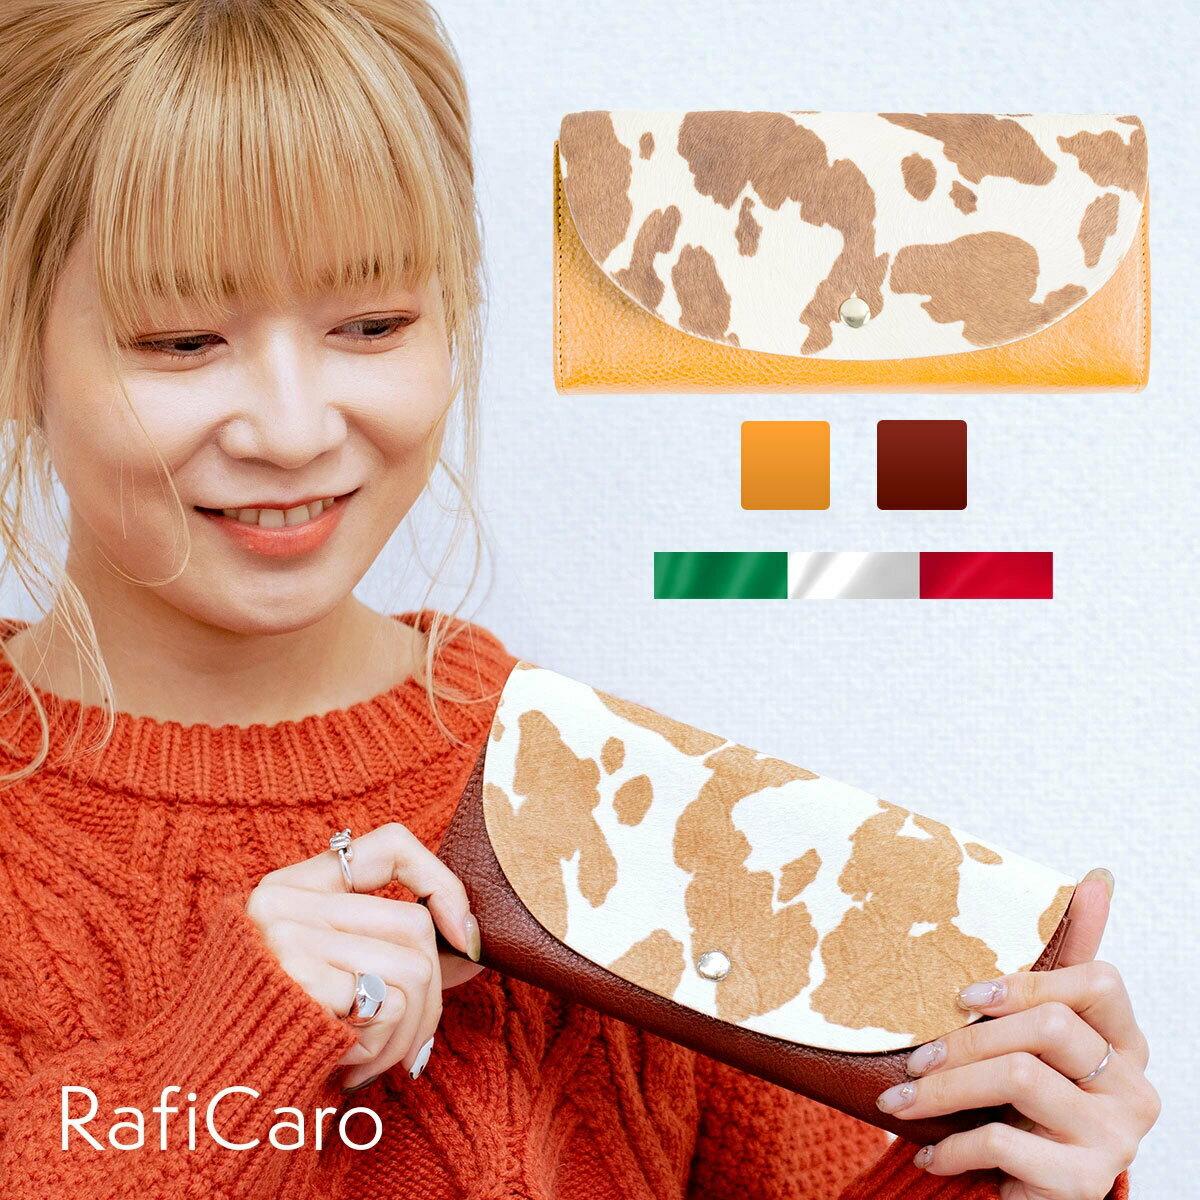 長財布 大容量 牛革 本革 ハラコ&イタリアンレザー カード入れ 二つ折りフラップ ボタン留め 財布 大容量だけど薄い レディース MIRACOLO ブランド シンプル かわいい おしゃれ ロングウォレット 送料無料